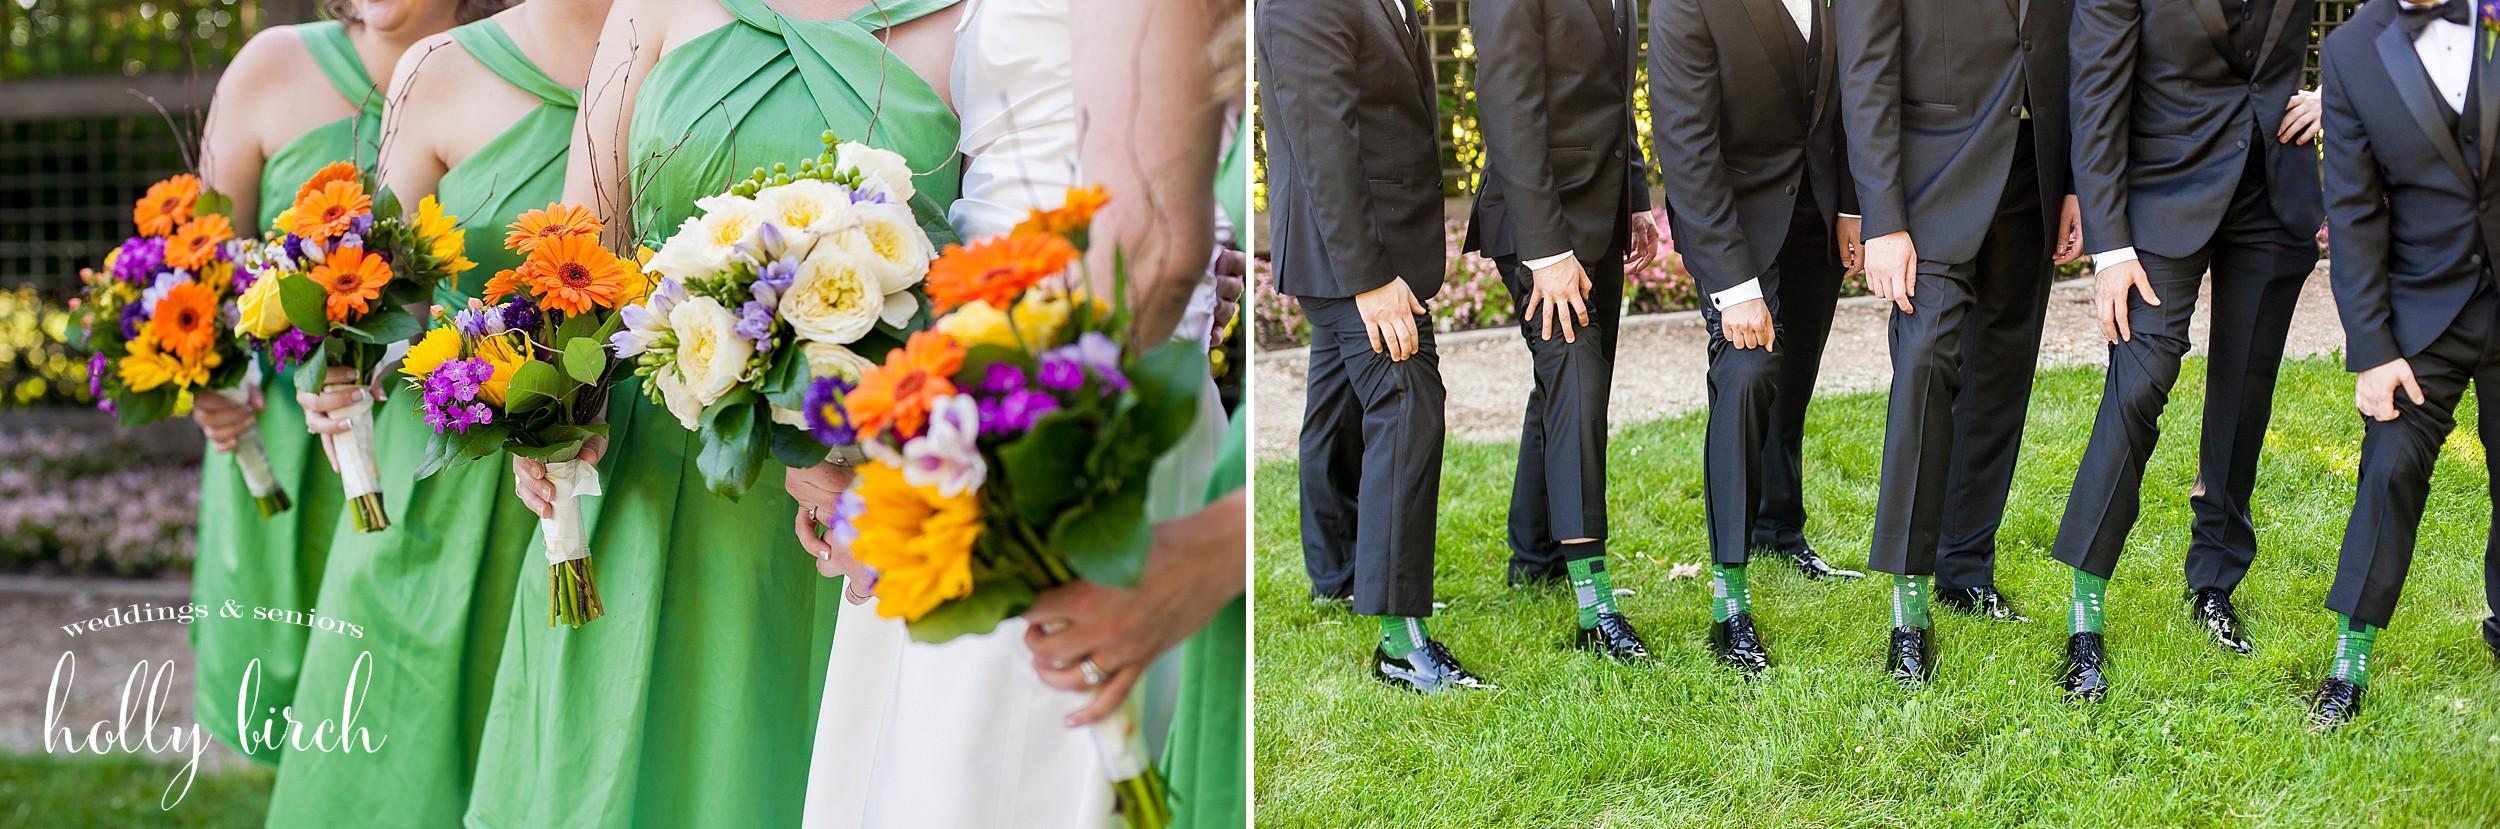 bridal party details